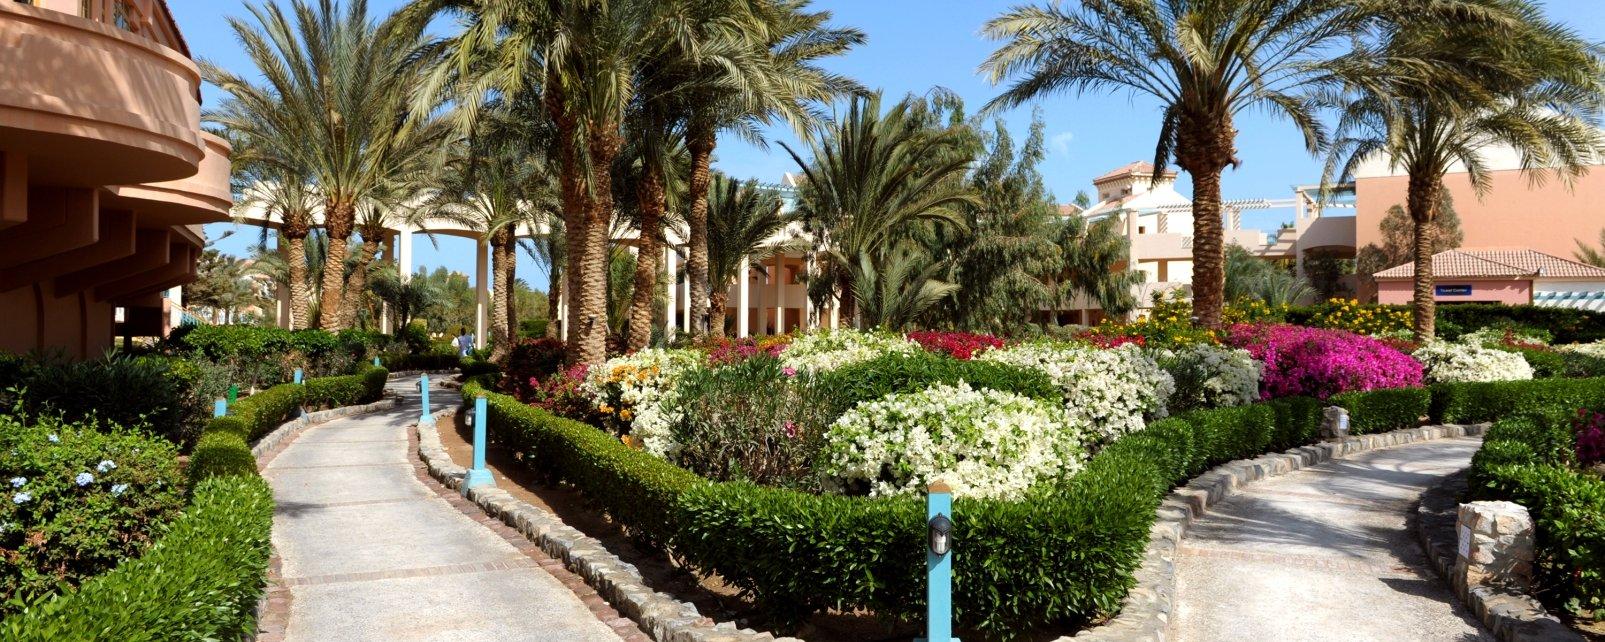 Hotel Movenpick Resort and Spa El Gouna